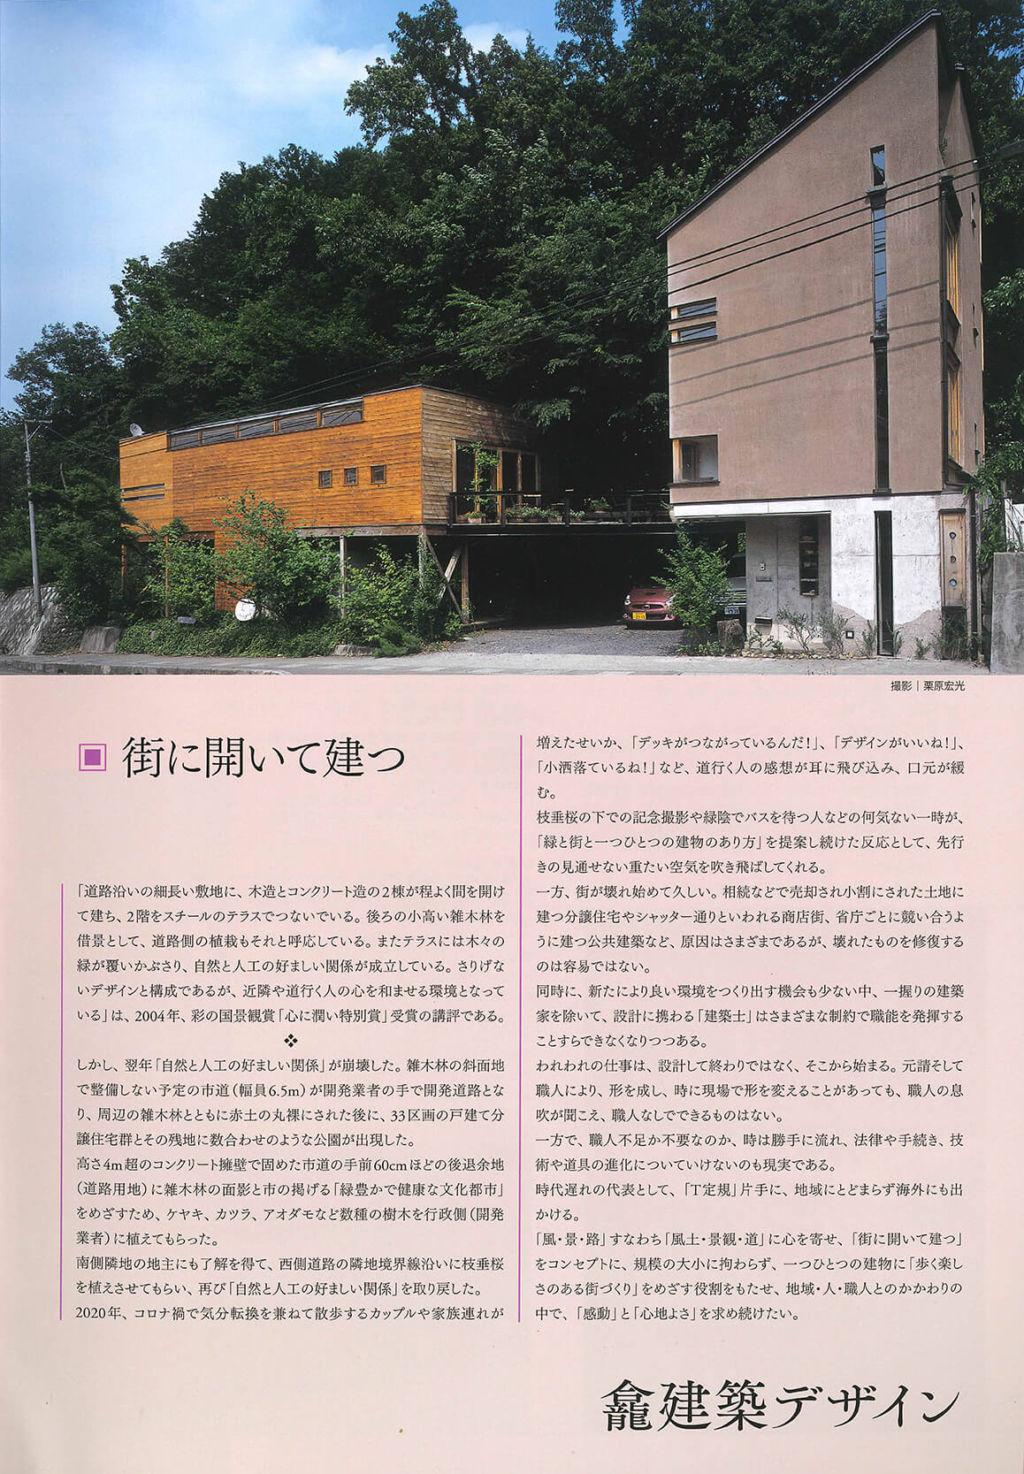 龕建築デザイン40周年 1P